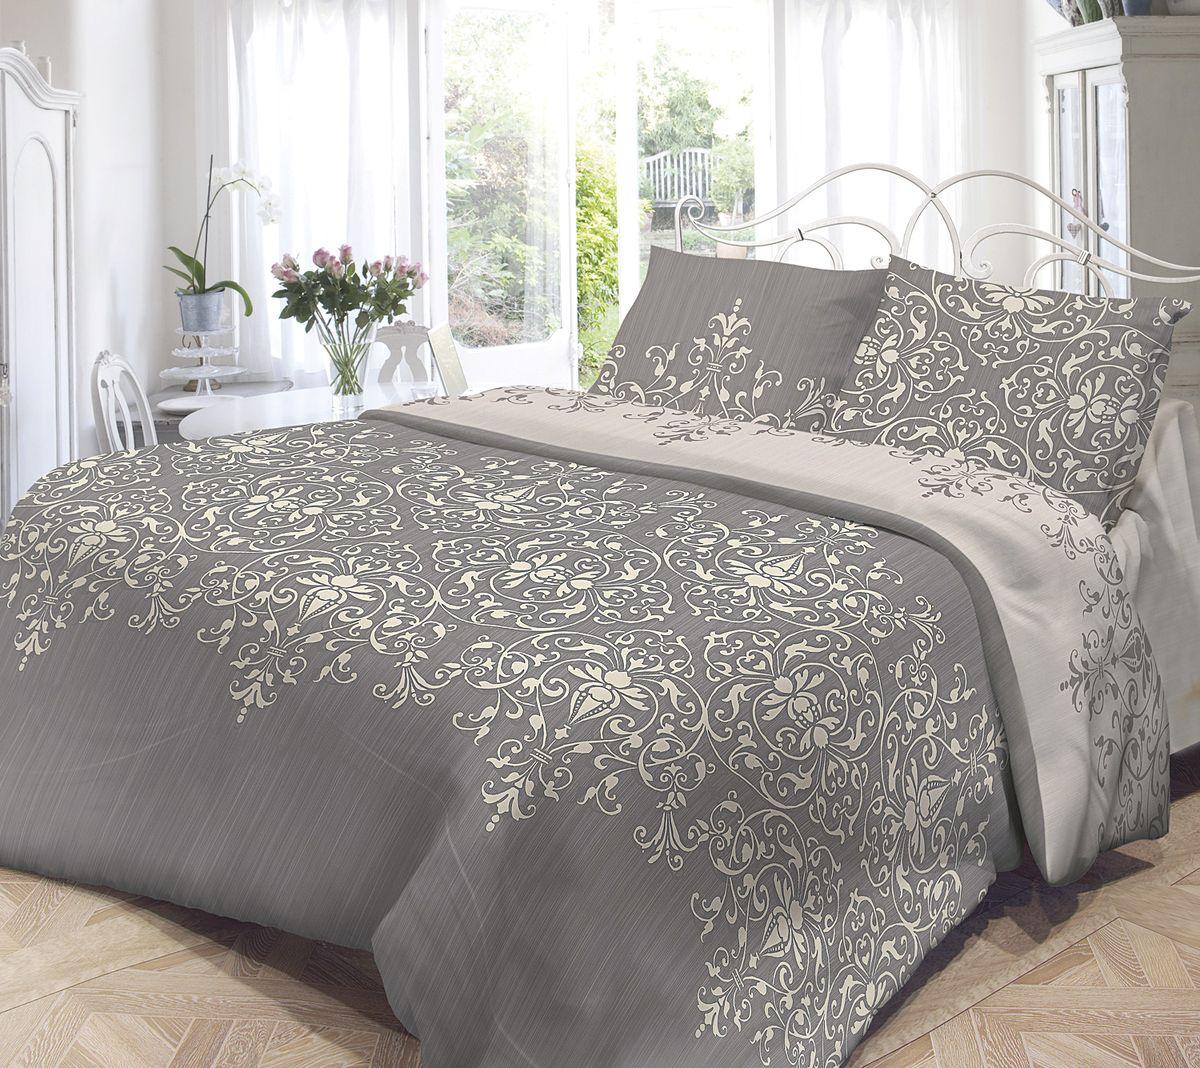 Комплект белья Нежность, 1,5-спальный, наволочки 70х70, цвет: серый193839Комплект постельного белья Нежность является экологически безопасным, так как выполнен из бязи (100% хлопка). Комплект состоит из пододеяльника, простыни и двух наволочек. Постельное белье оформлено красивым орнаментом и имеет изысканный внешний вид. Постельное белье Нежность - лучший выбор для современной хозяйки! Его отличают демократичная цена и отличное качество.